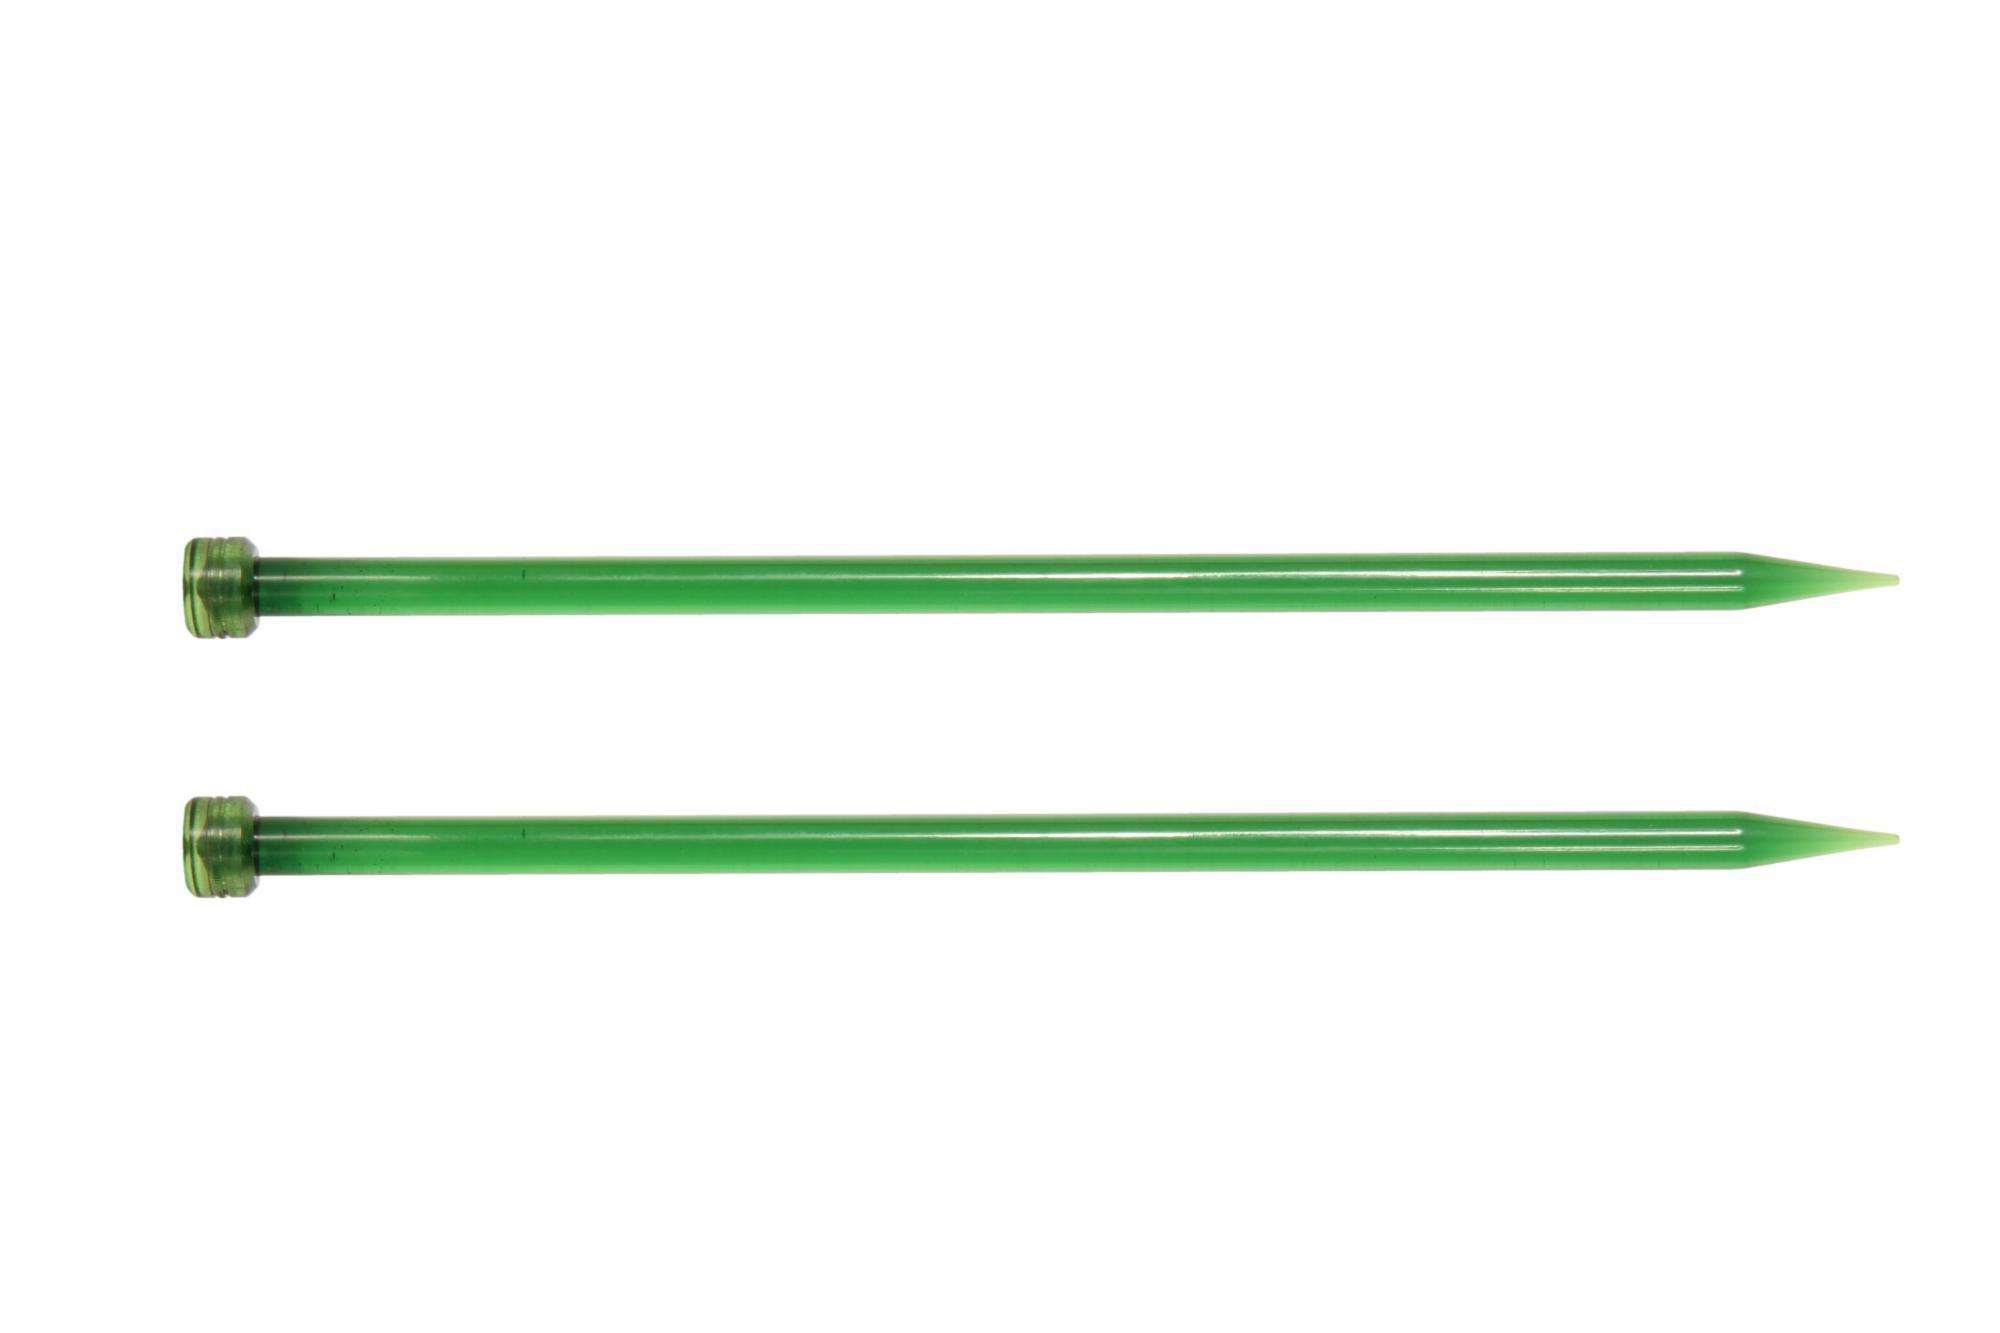 Спицы прямые 25 см Trendz KnitPro, 51179, 9.00 мм